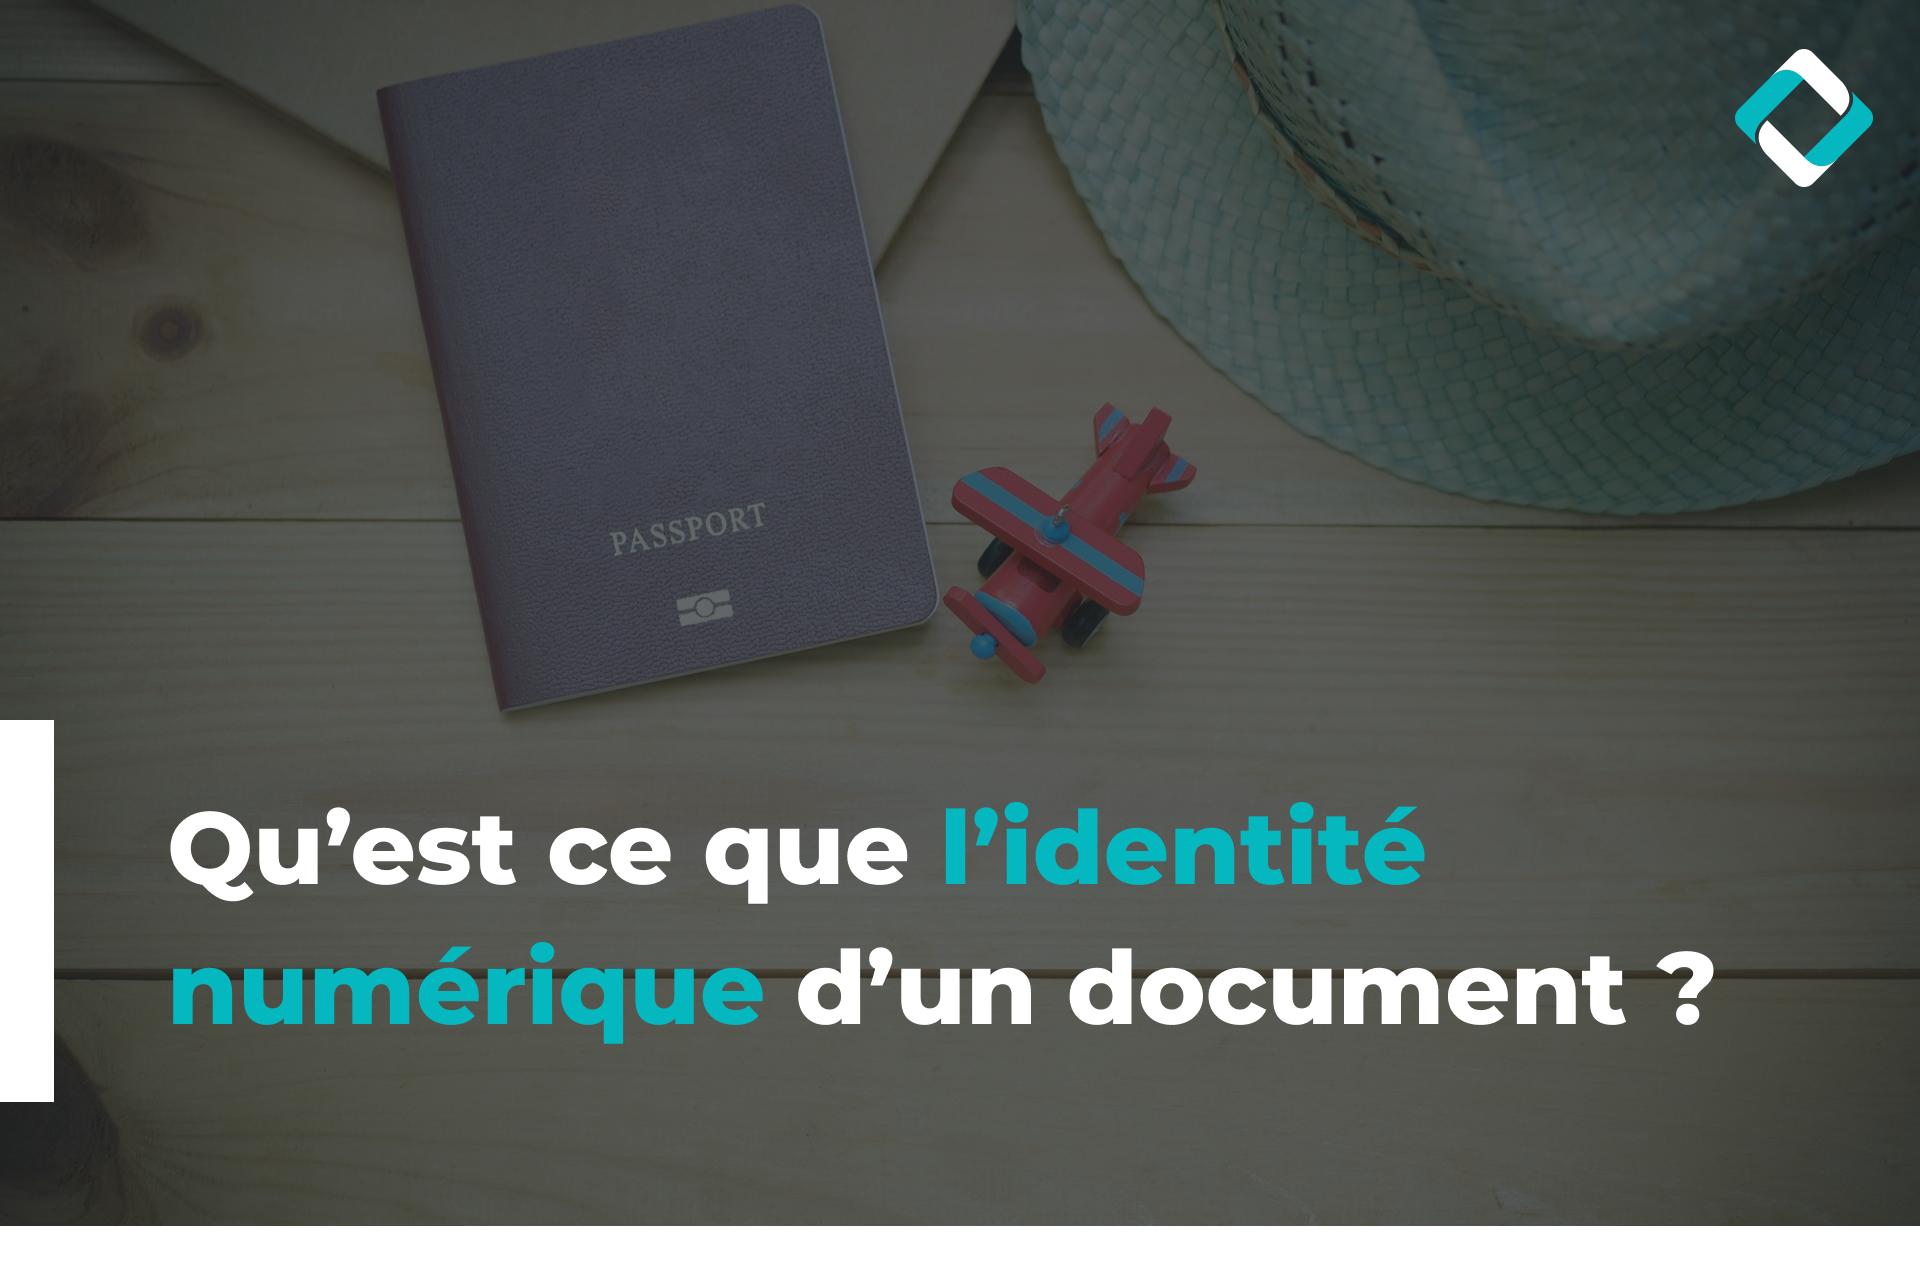 Qu'est ce que l'identité numérique d'un document ?